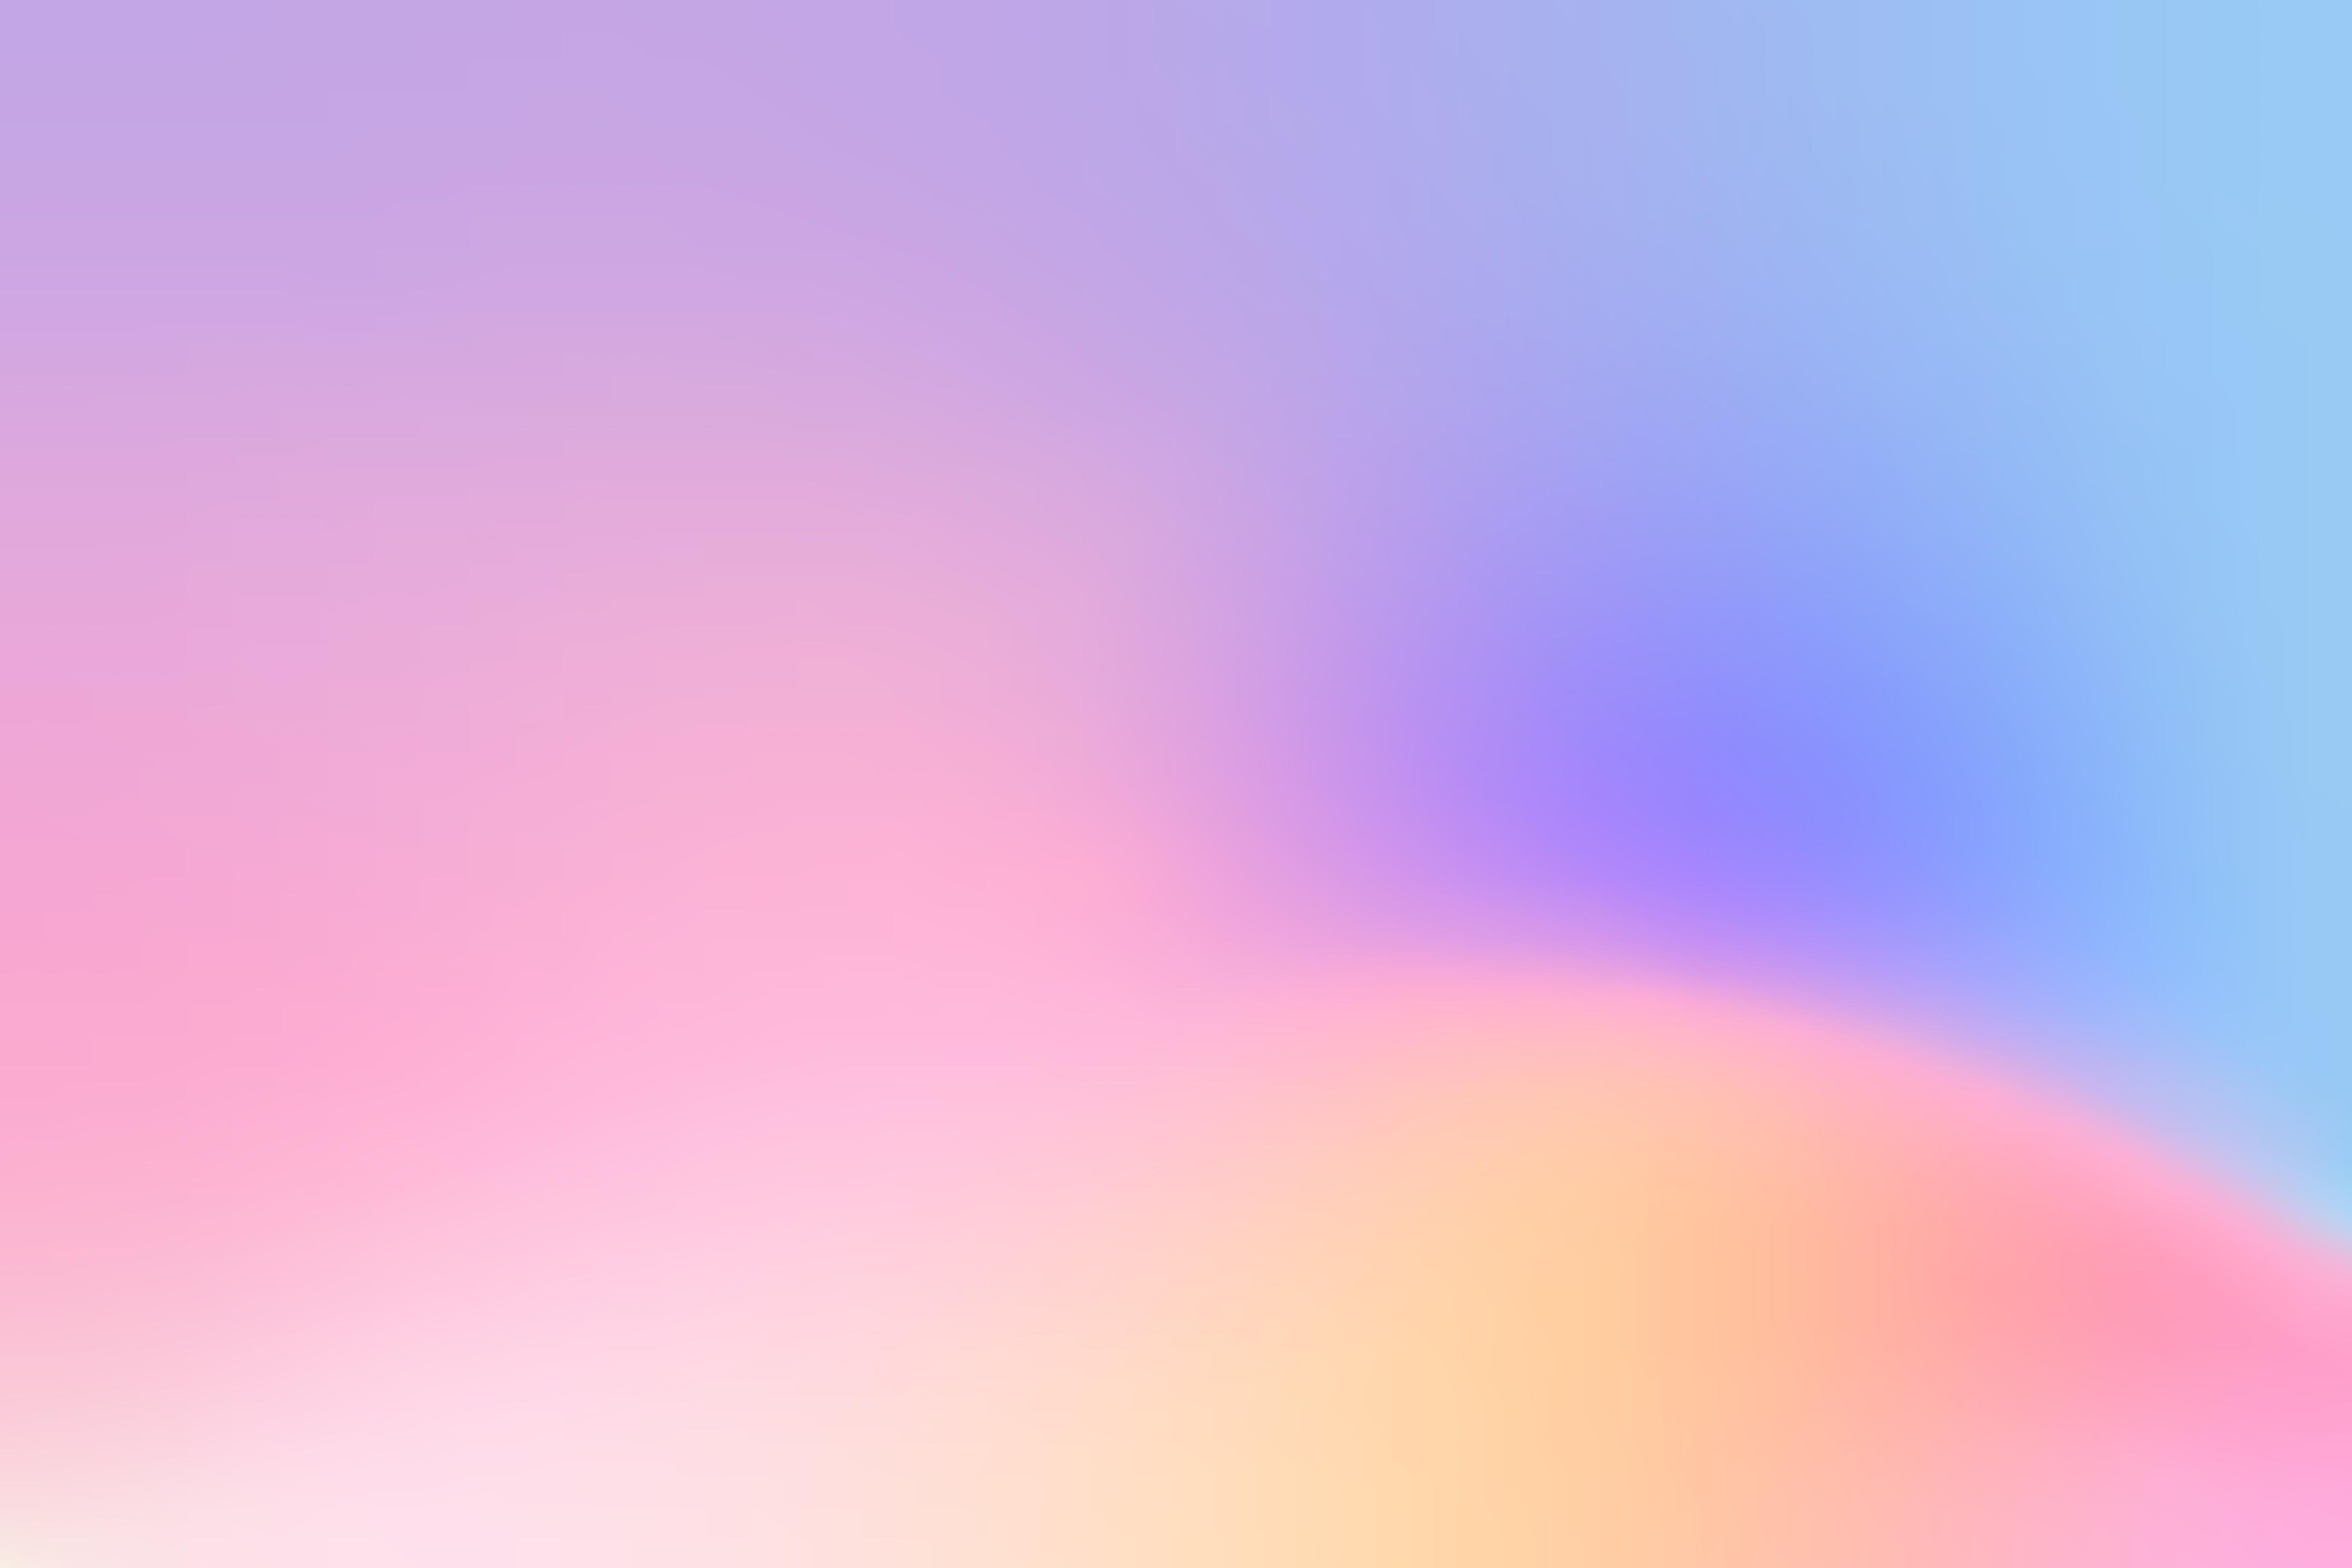 Astratto Sfondo Pallavolo Disegno Vettoriale: Disegno Olografico Colorato Sfondo Sfumato